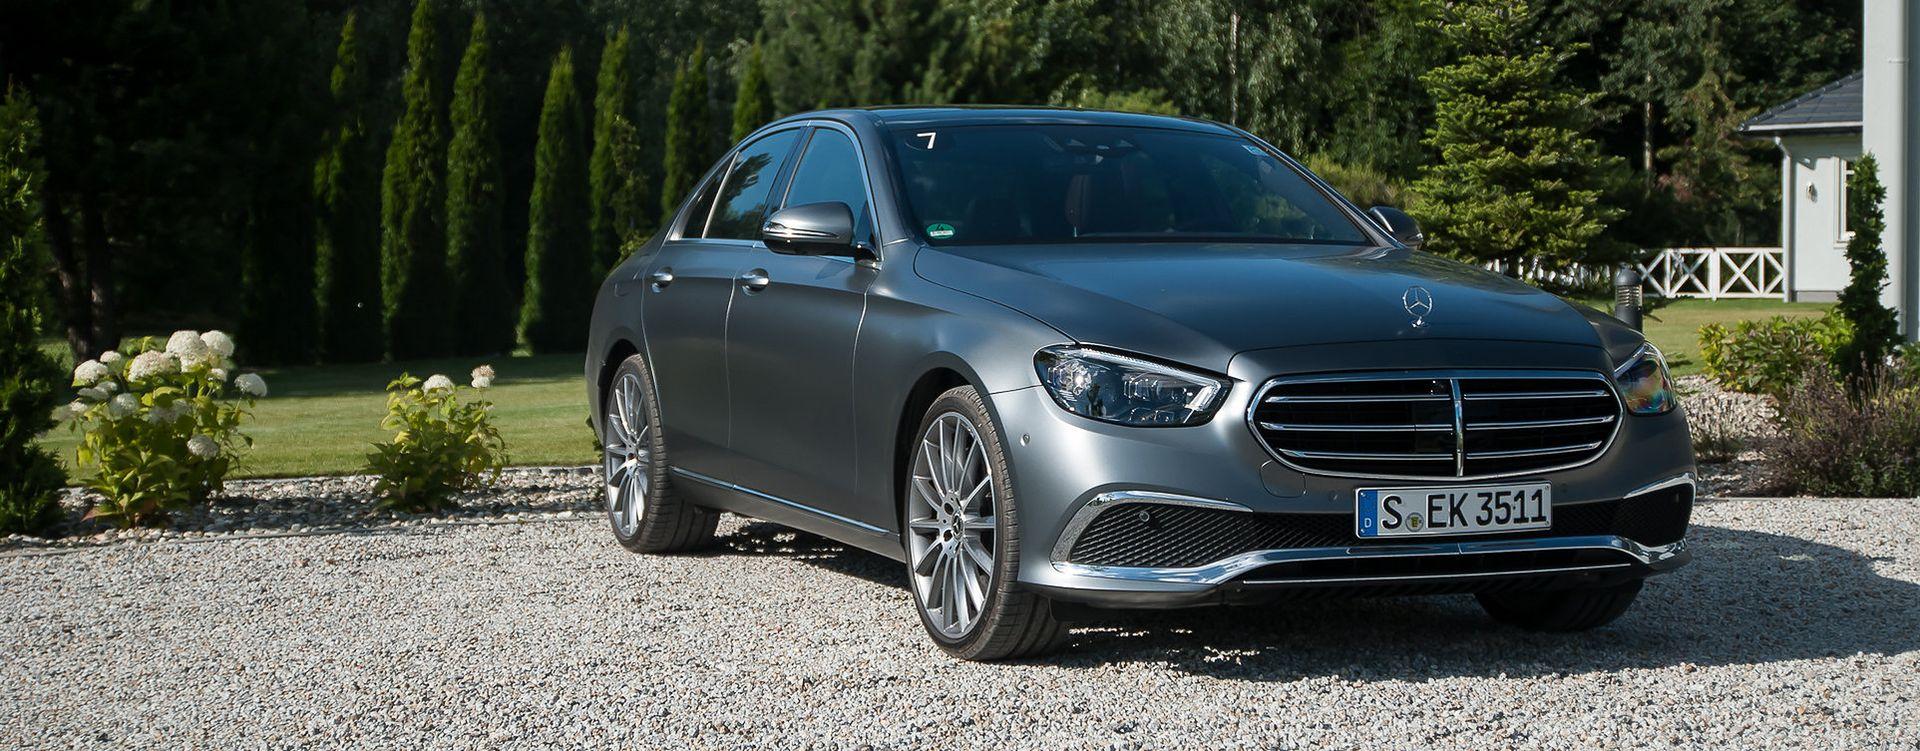 """Mercedes Klasy E. Wersja przodu z """"celownikiem"""" ma coraz mniejszą popularność."""